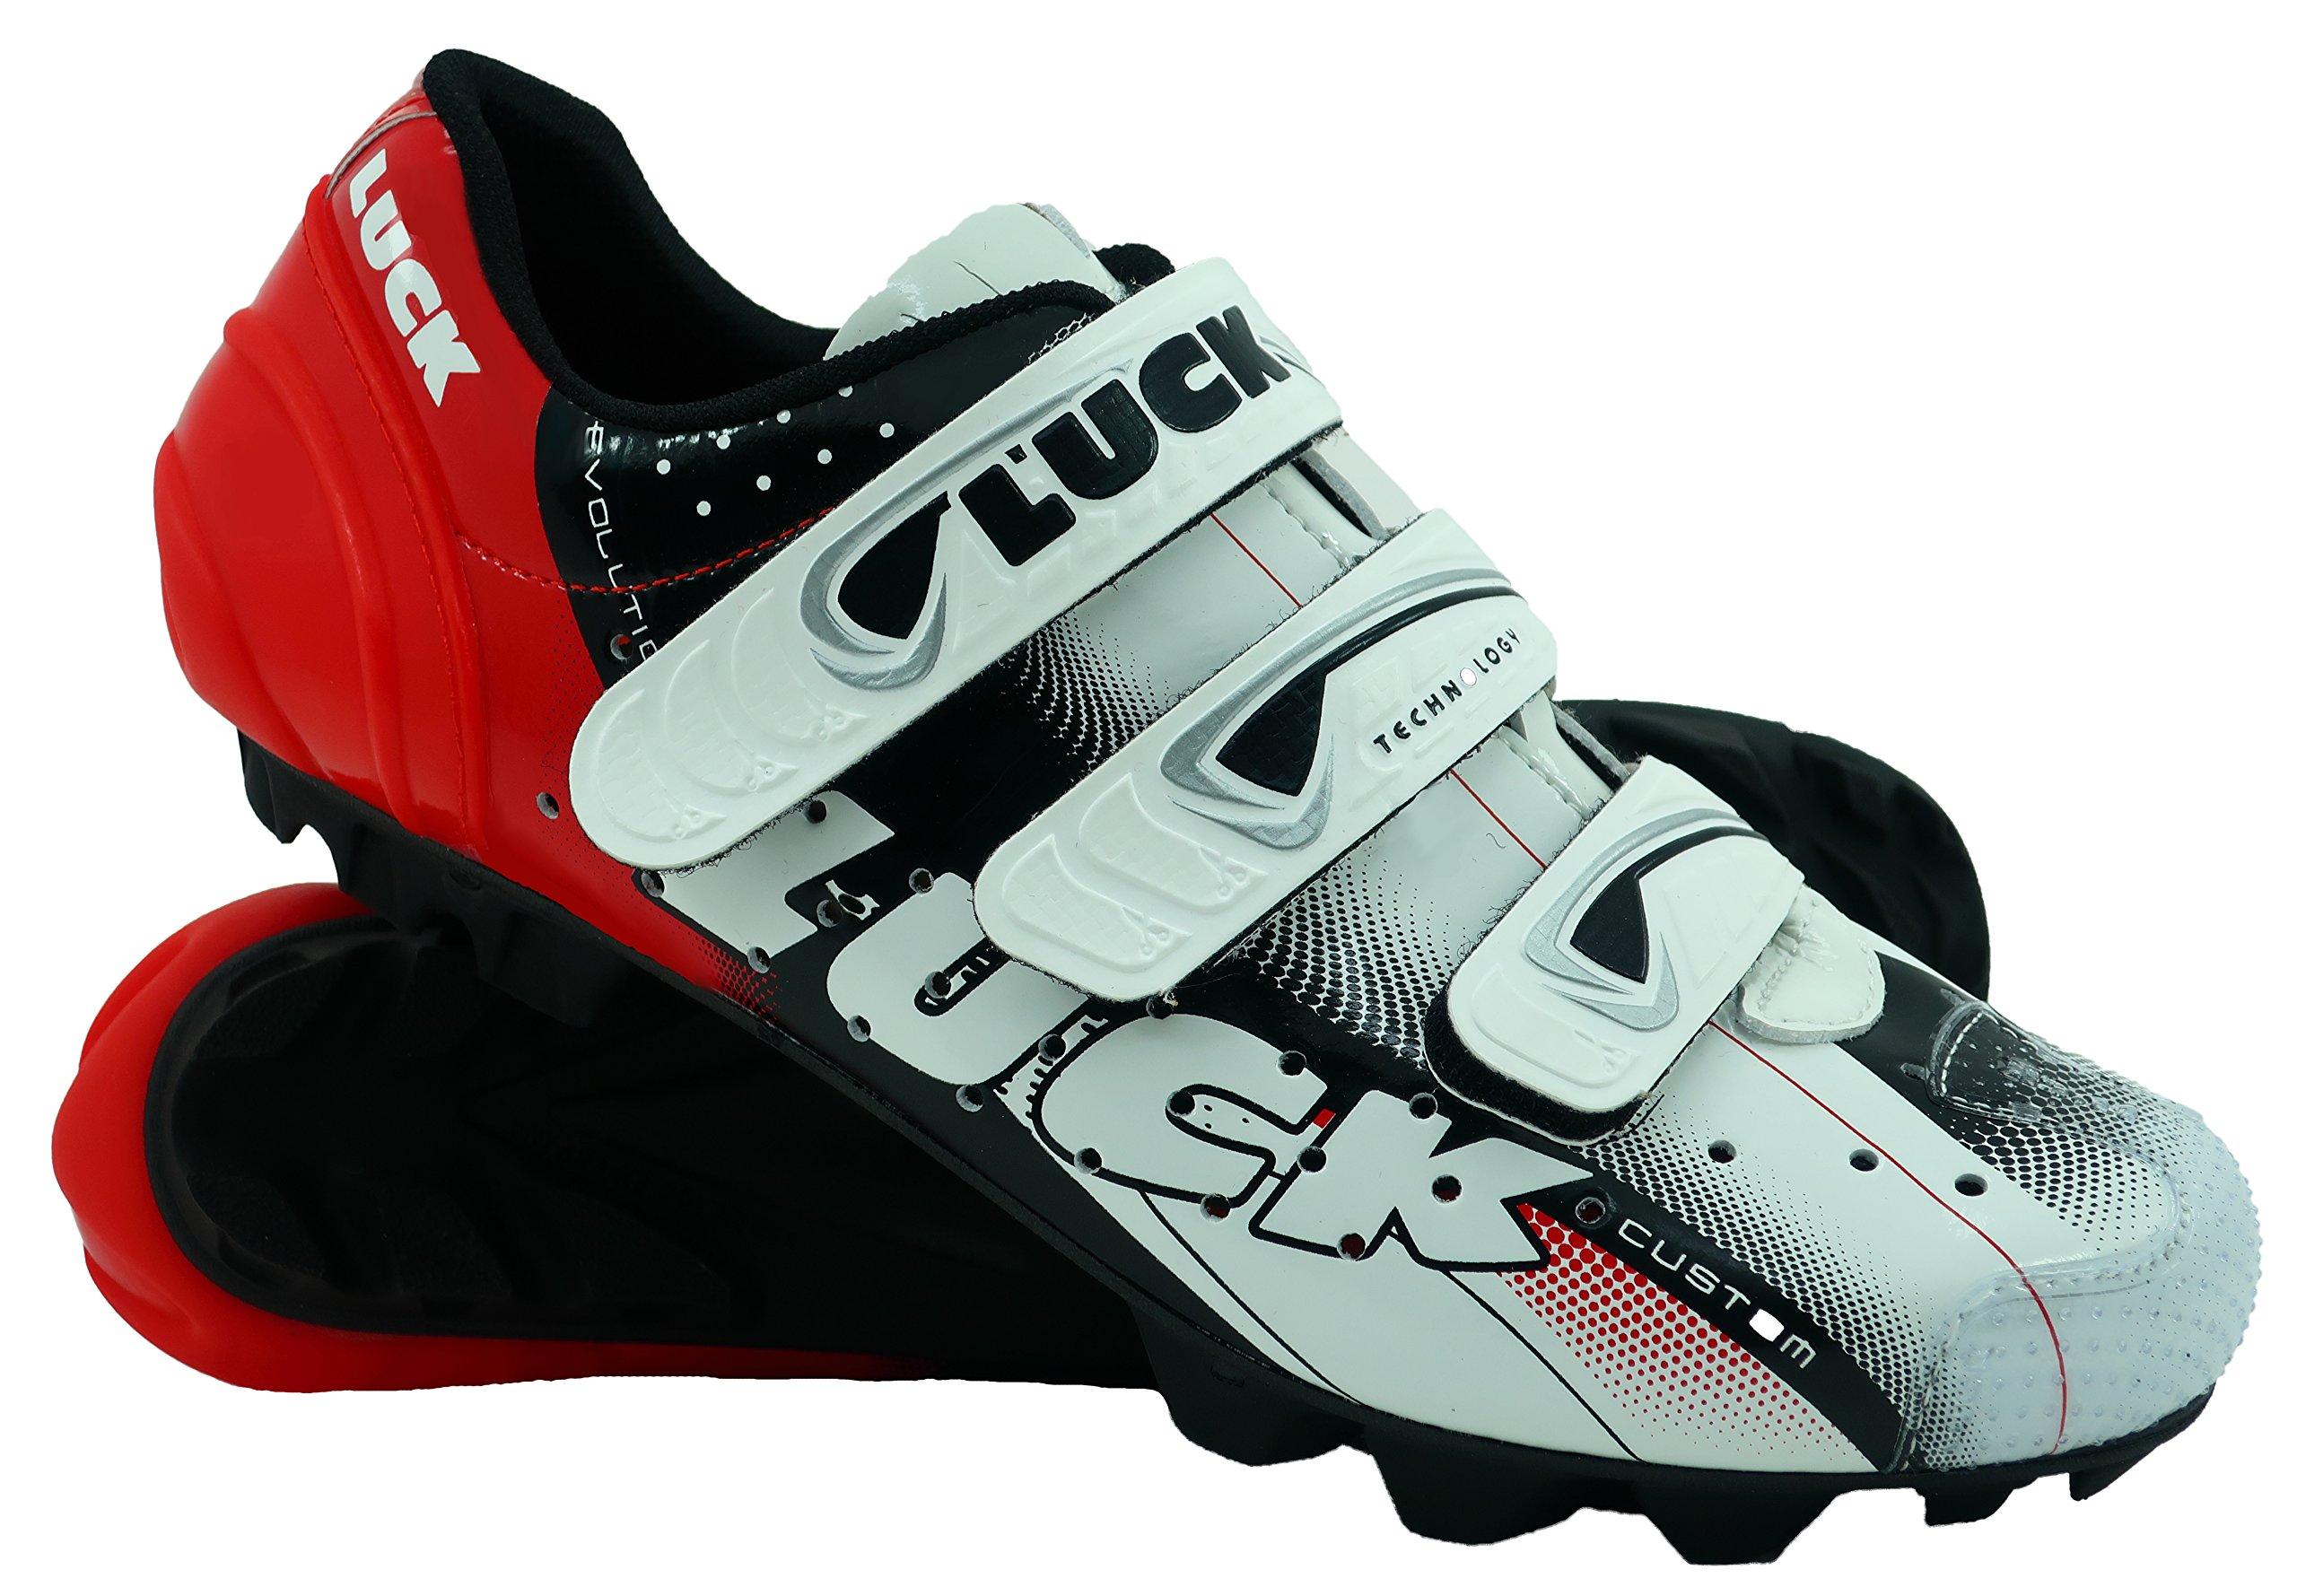 Zapatillas de Ciclismo LUCK Extreme 3.0 MTB,con Suela de Carbono y Triple Tira de Velcro de sujeción ademas de Puntera de Refuerzo.